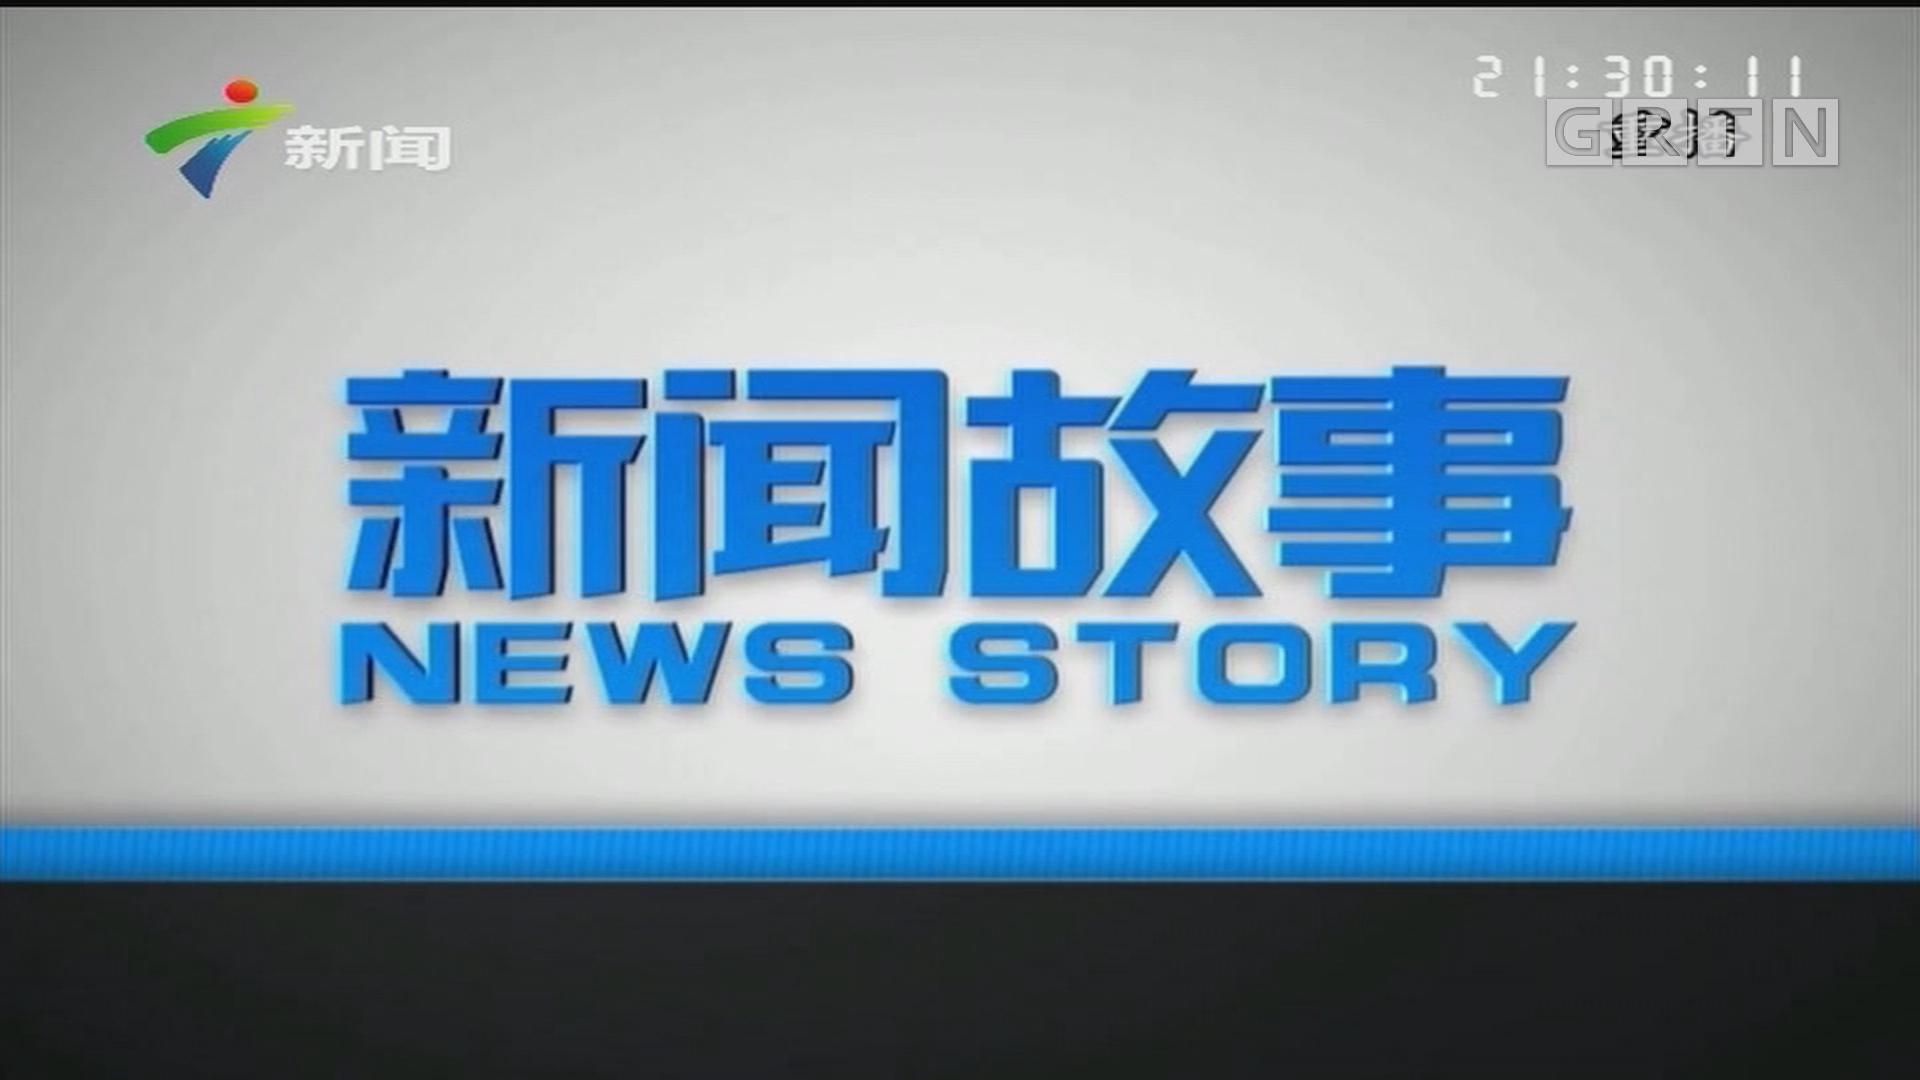 [HD][2019-11-15]新聞故事:人在囧途